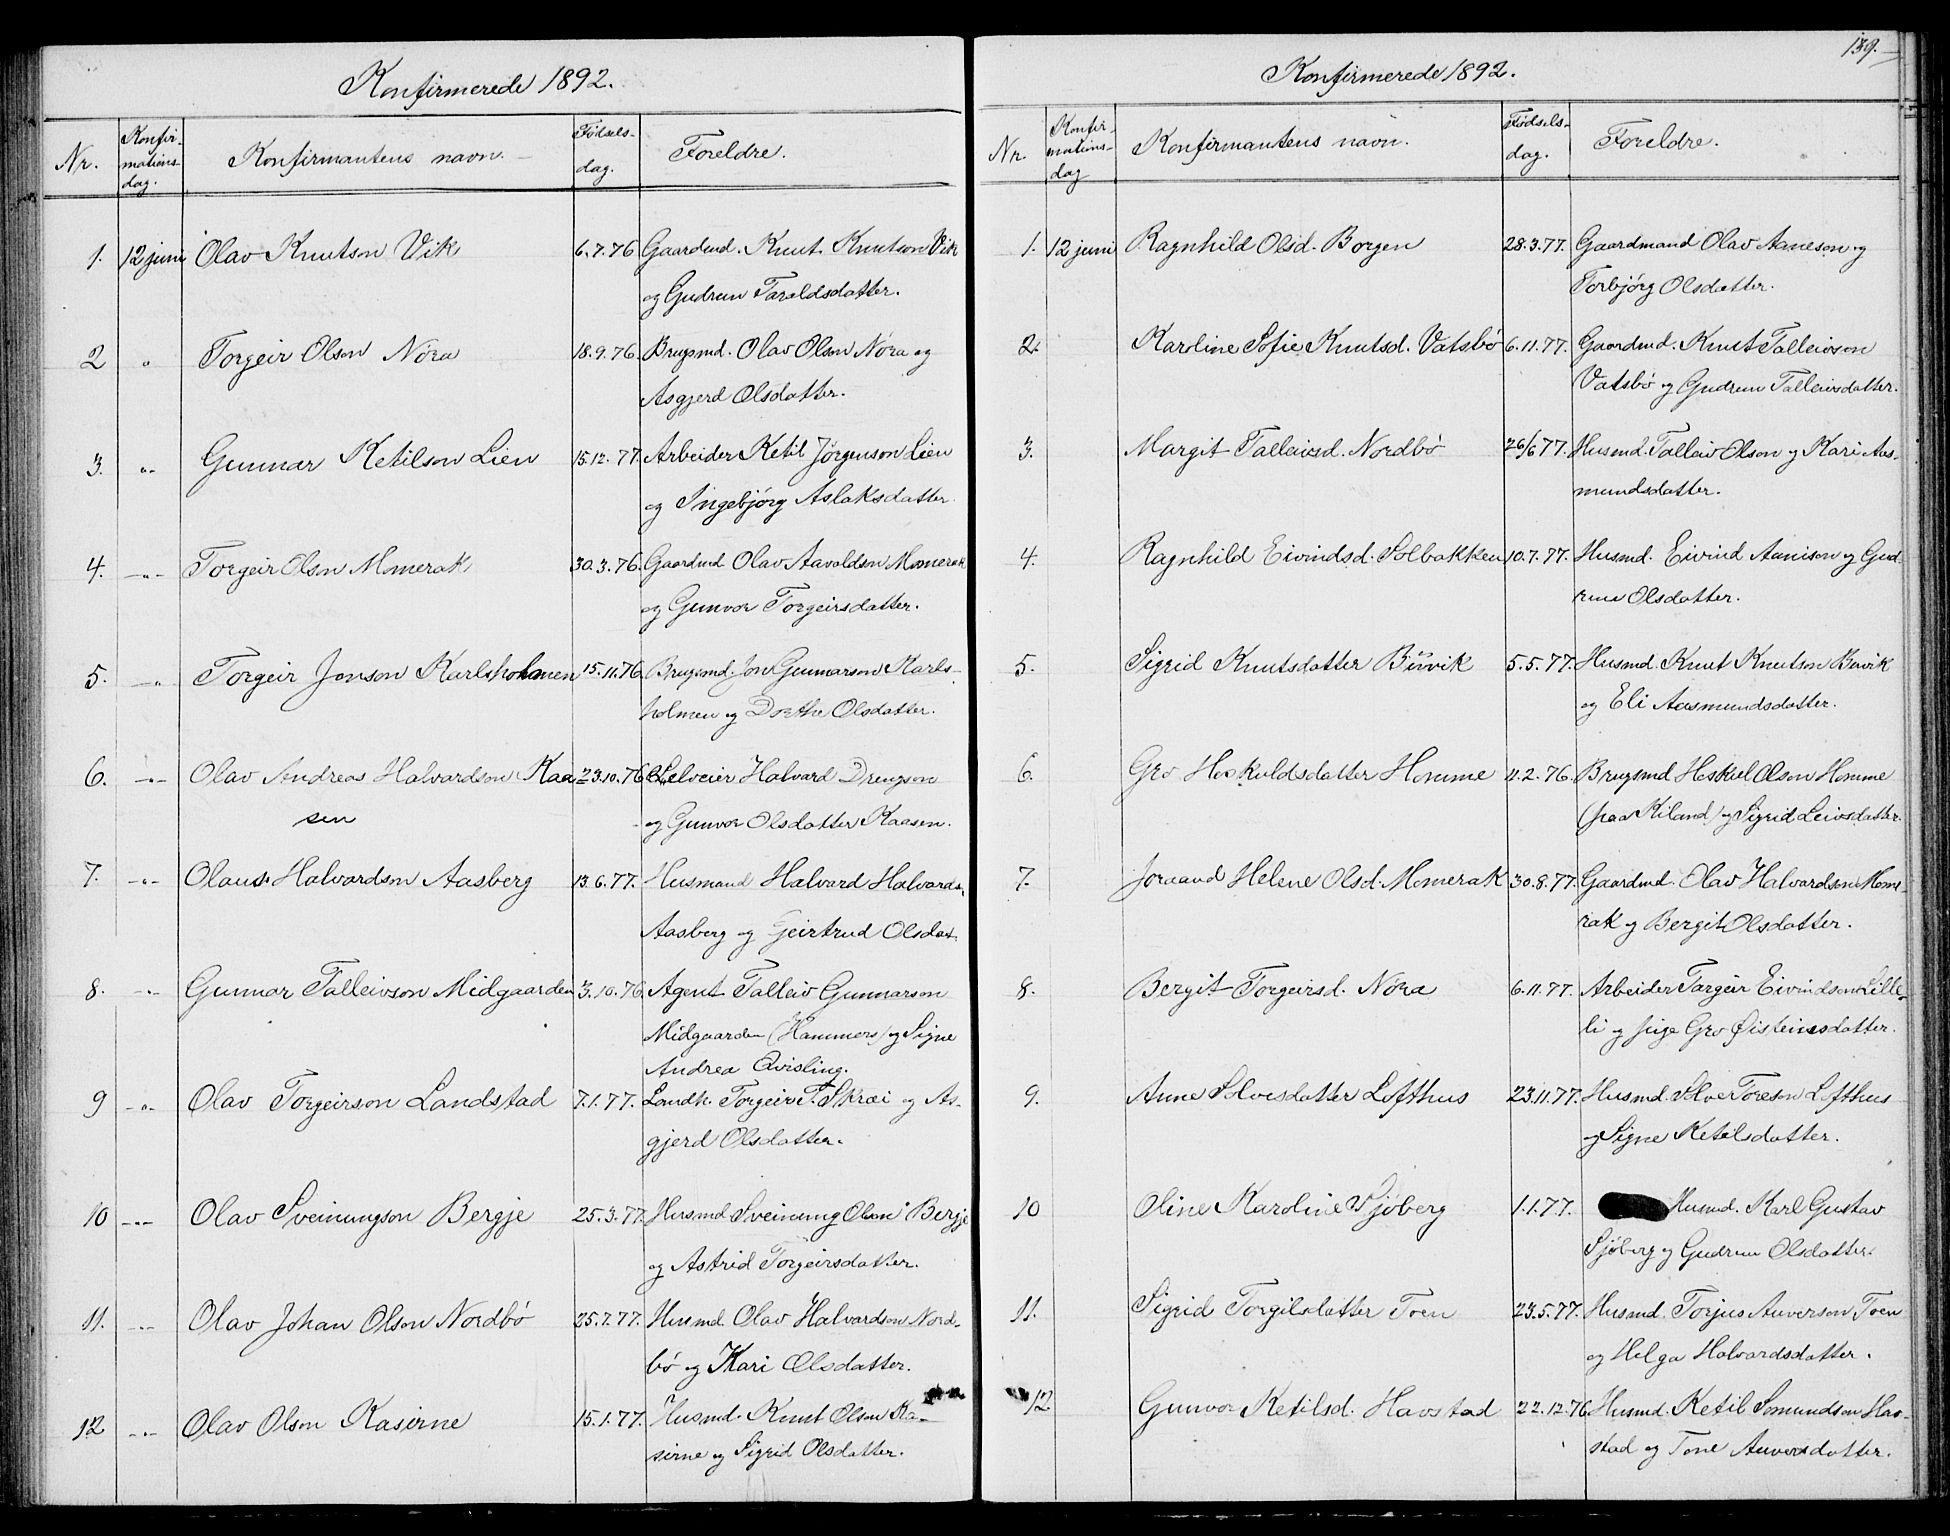 SAKO, Fyresdal kirkebøker, G/Ga/L0004: Klokkerbok nr. I 4, 1864-1892, s. 139